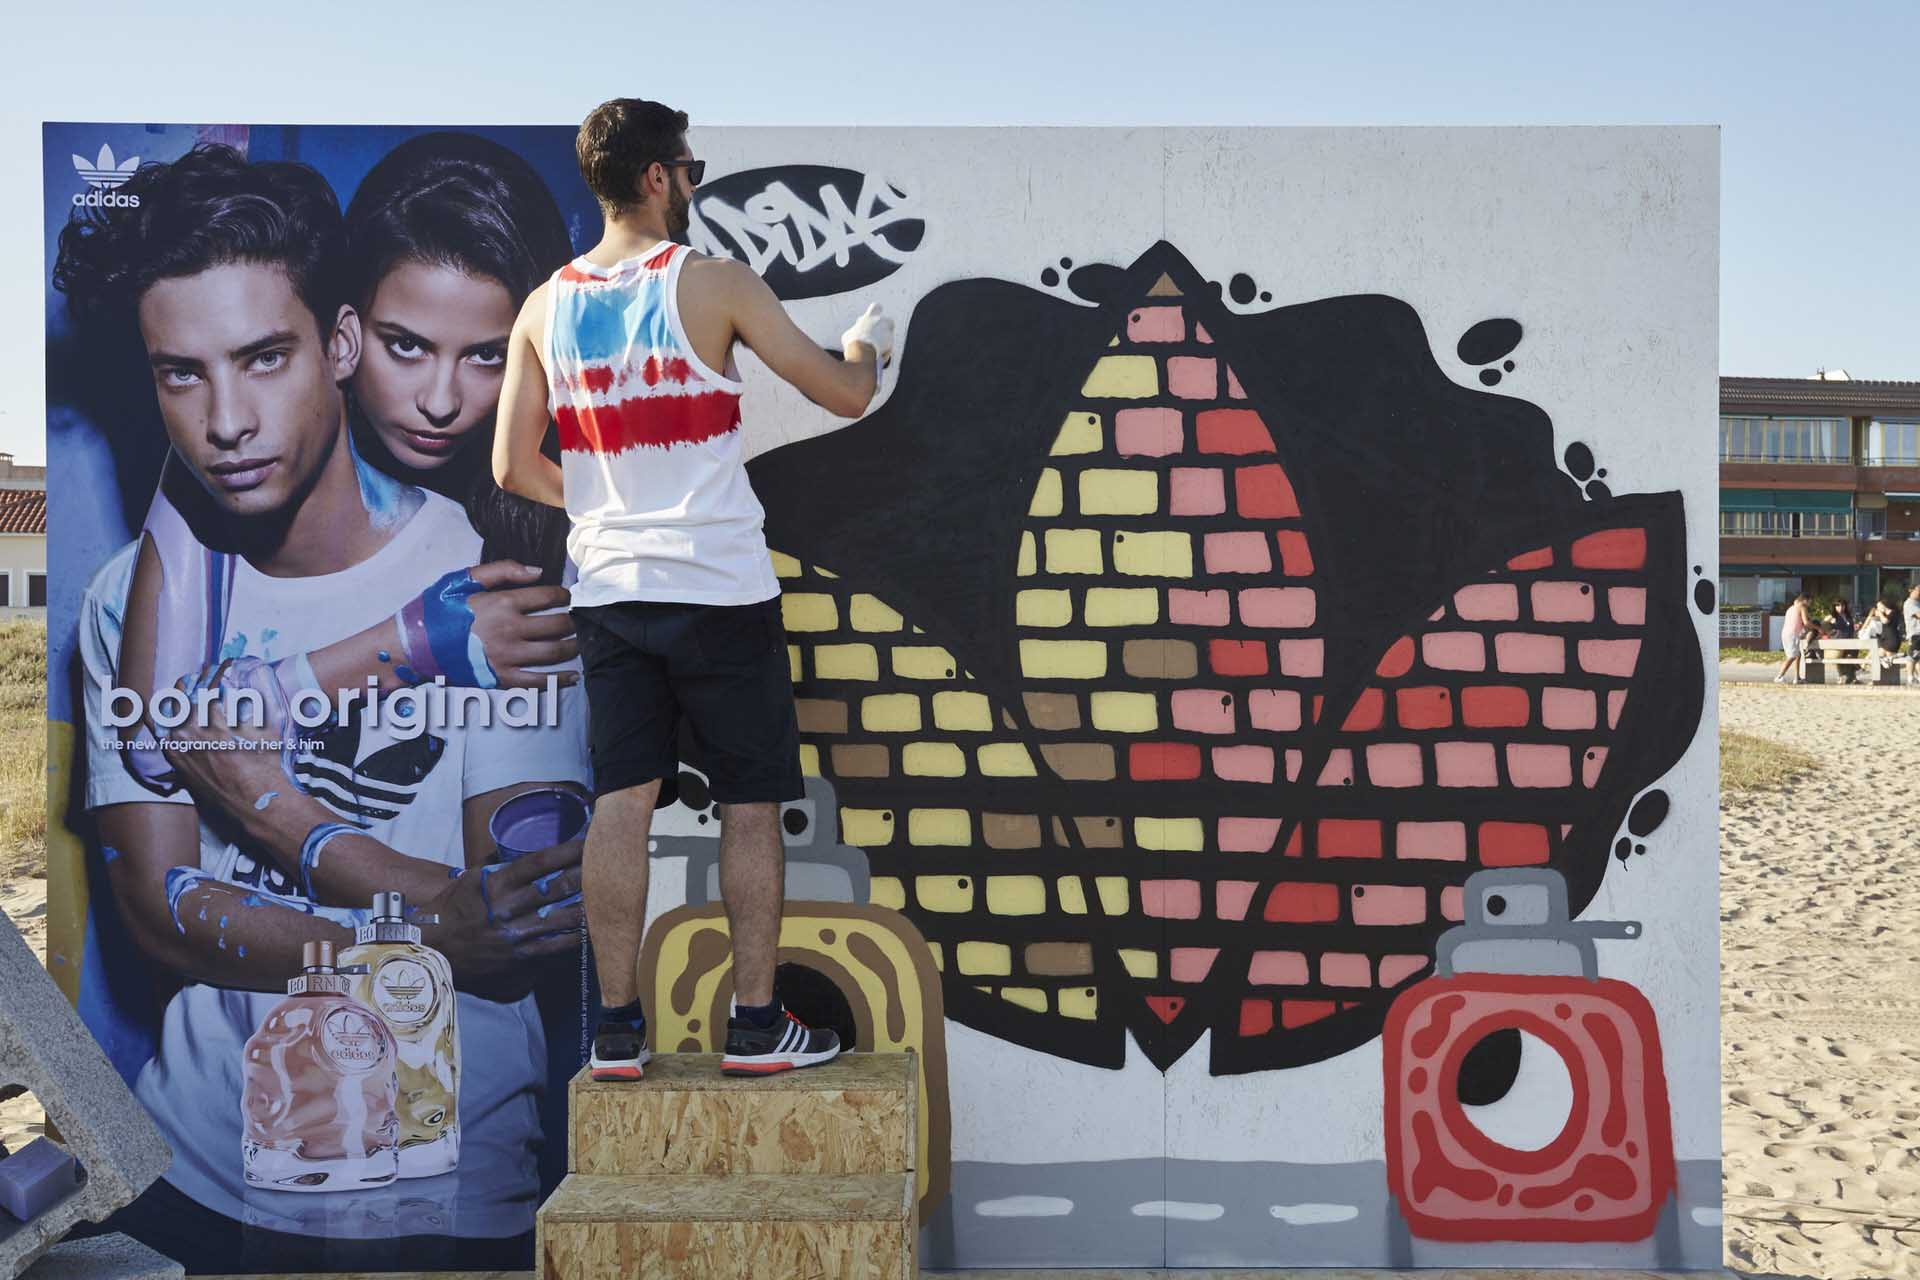 Artista grafitero invitado para animar la celebración de los 25 años de la revista Cosmopolitan en la fiesta que hicieron en la playa de Castelldefels